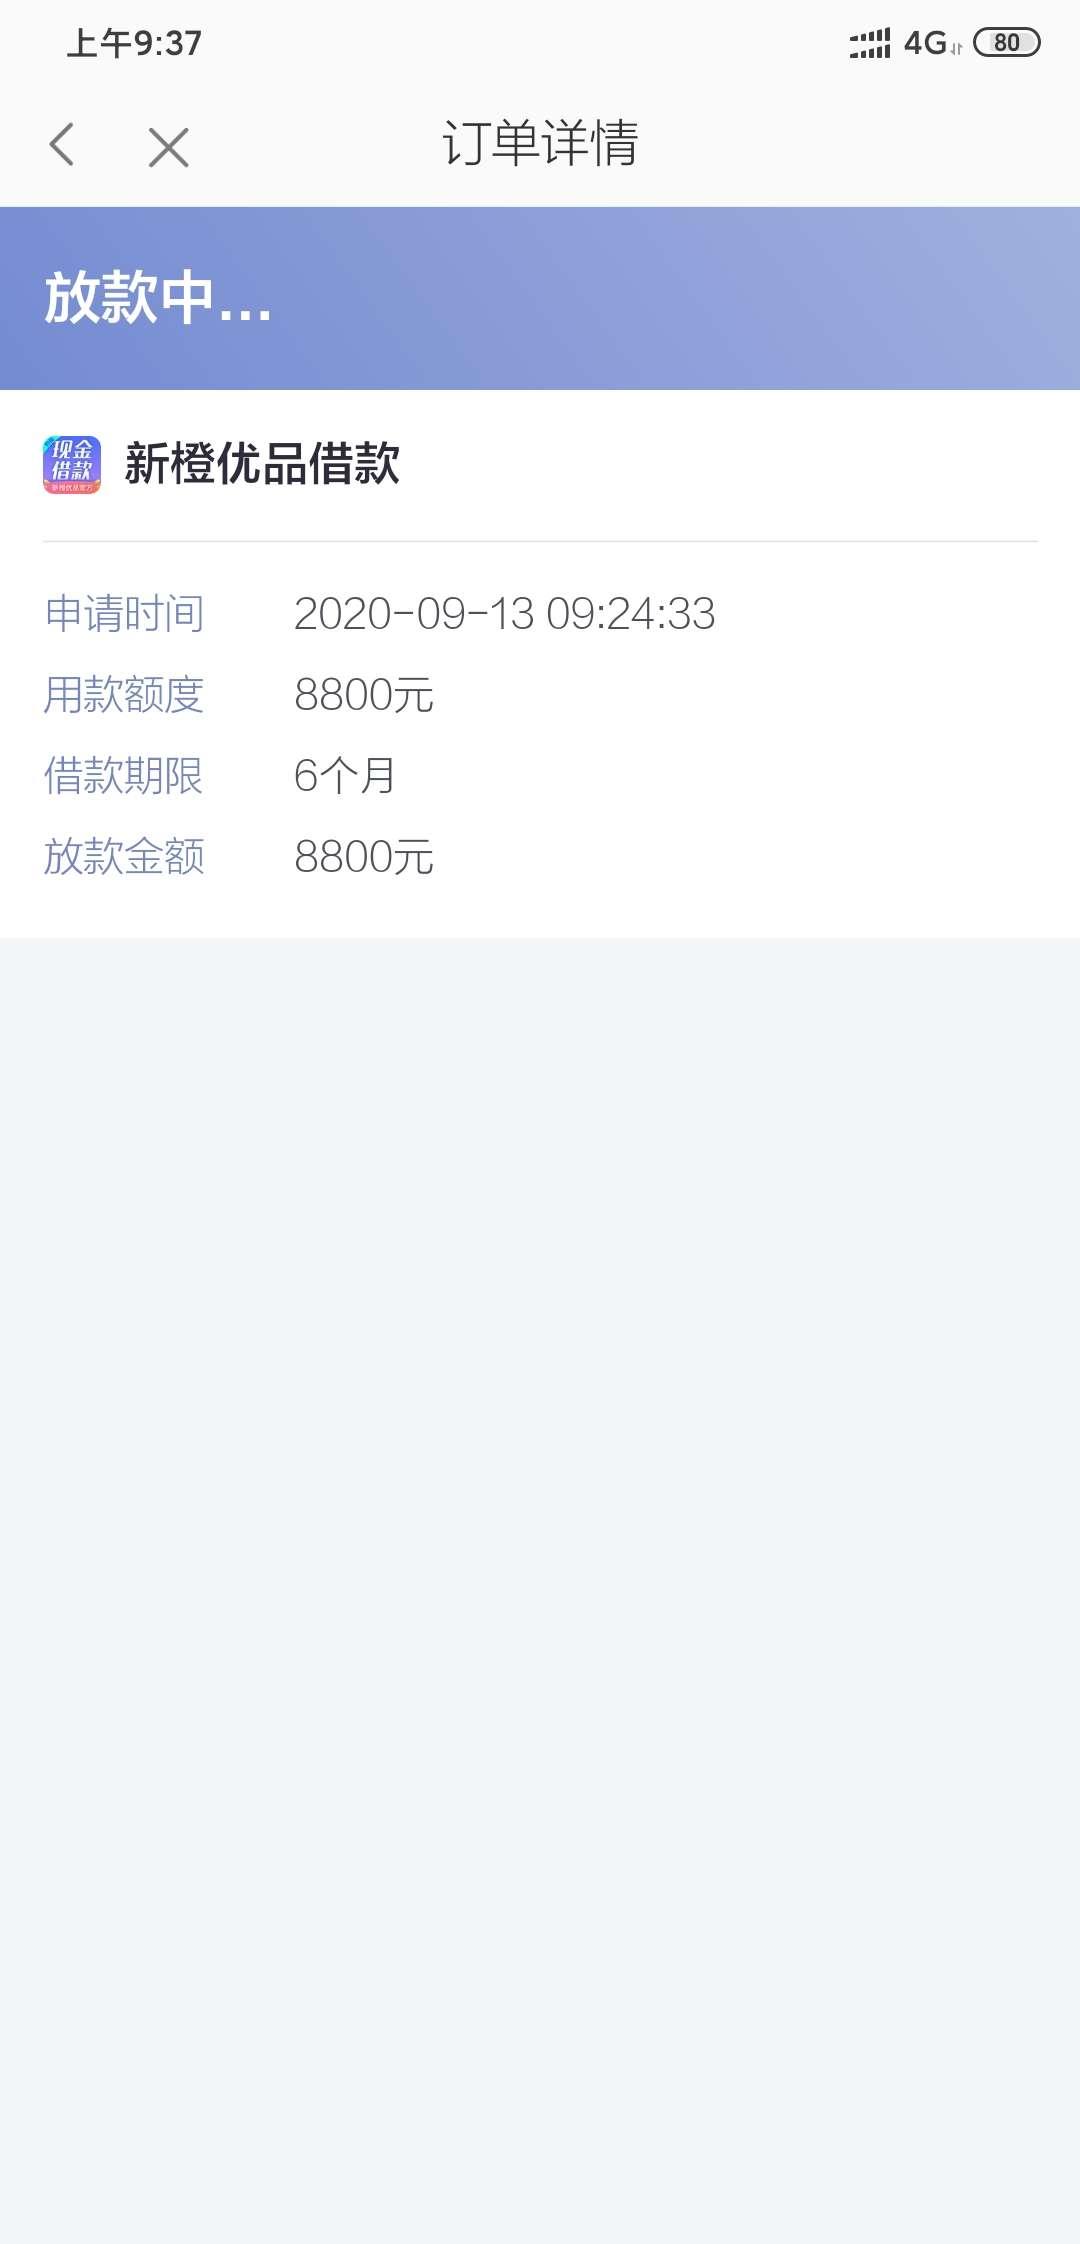 084cadde027ec36f8aaadf73369d3f1c.png